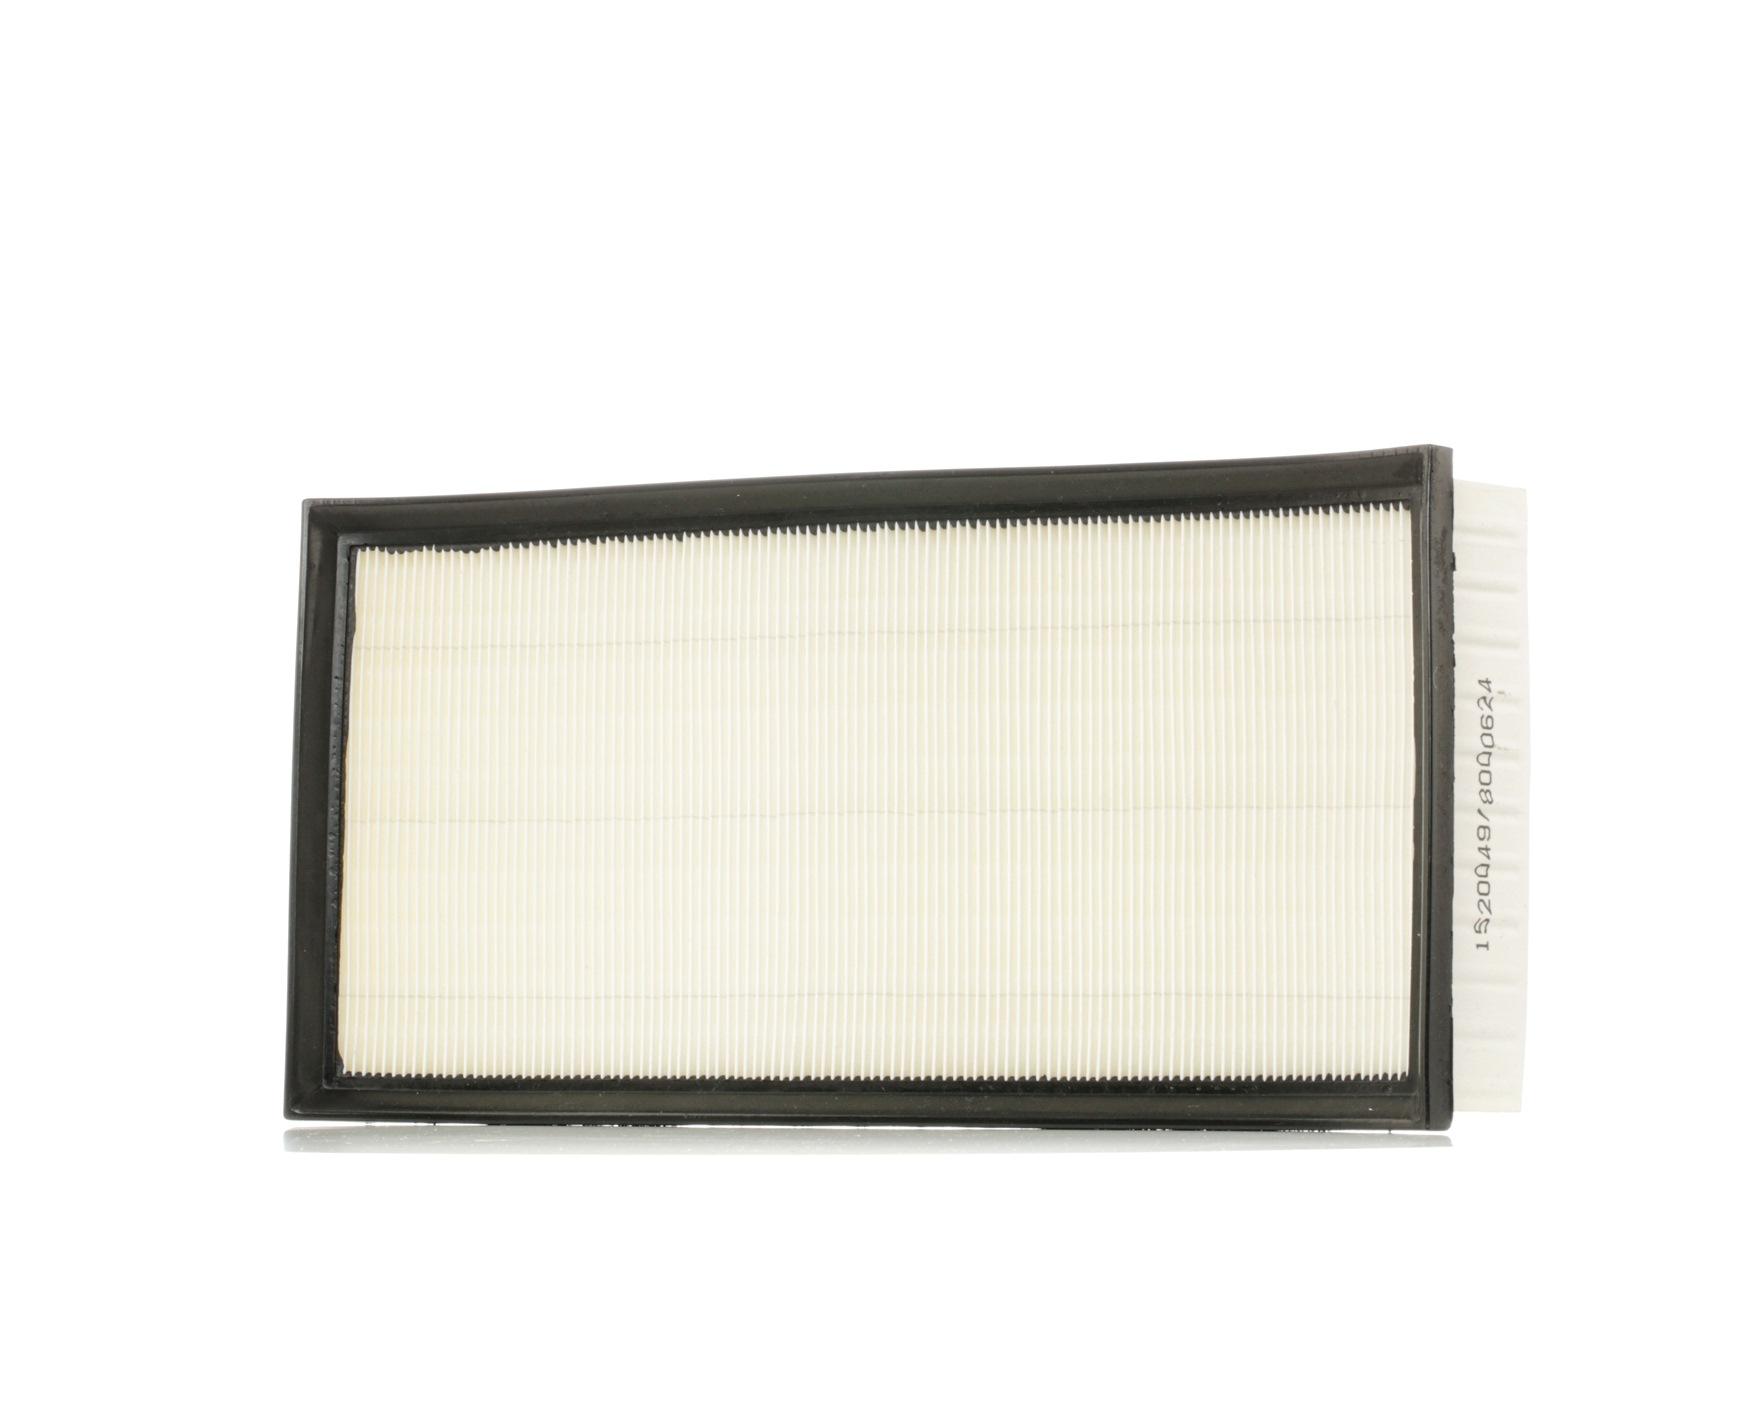 Original Zracni filter 8A0003 Seat